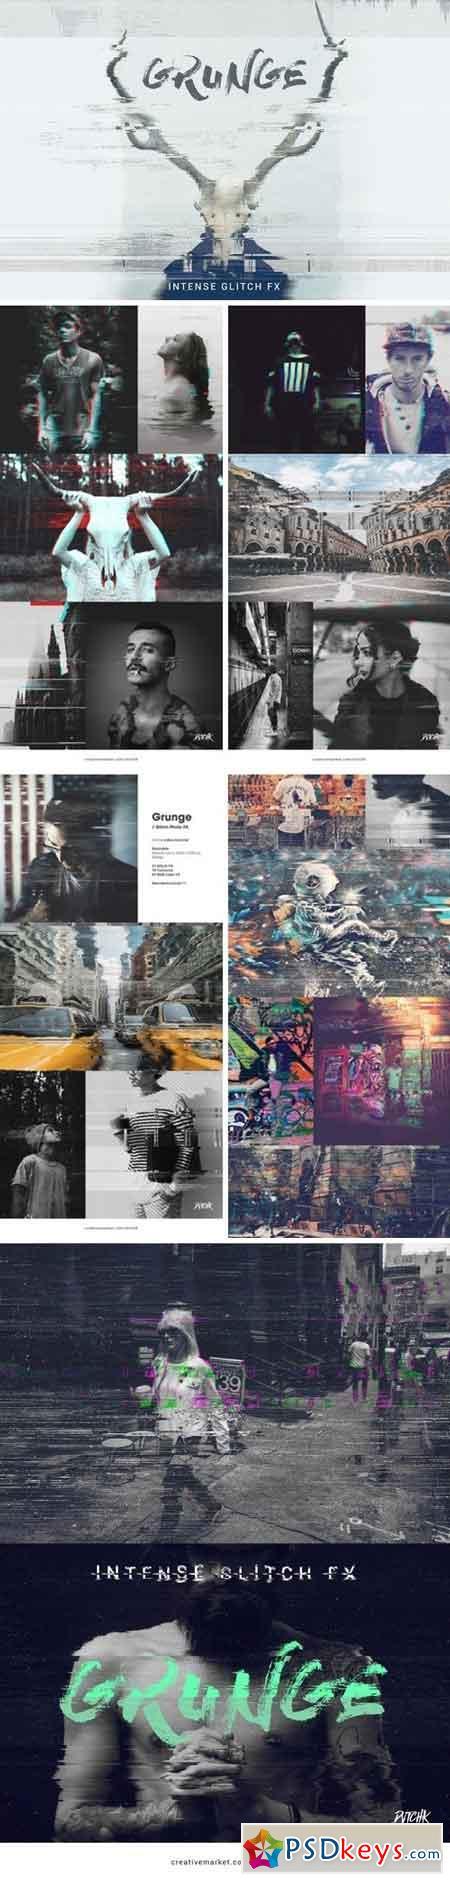 Grunge Glitch Photo FX 933453